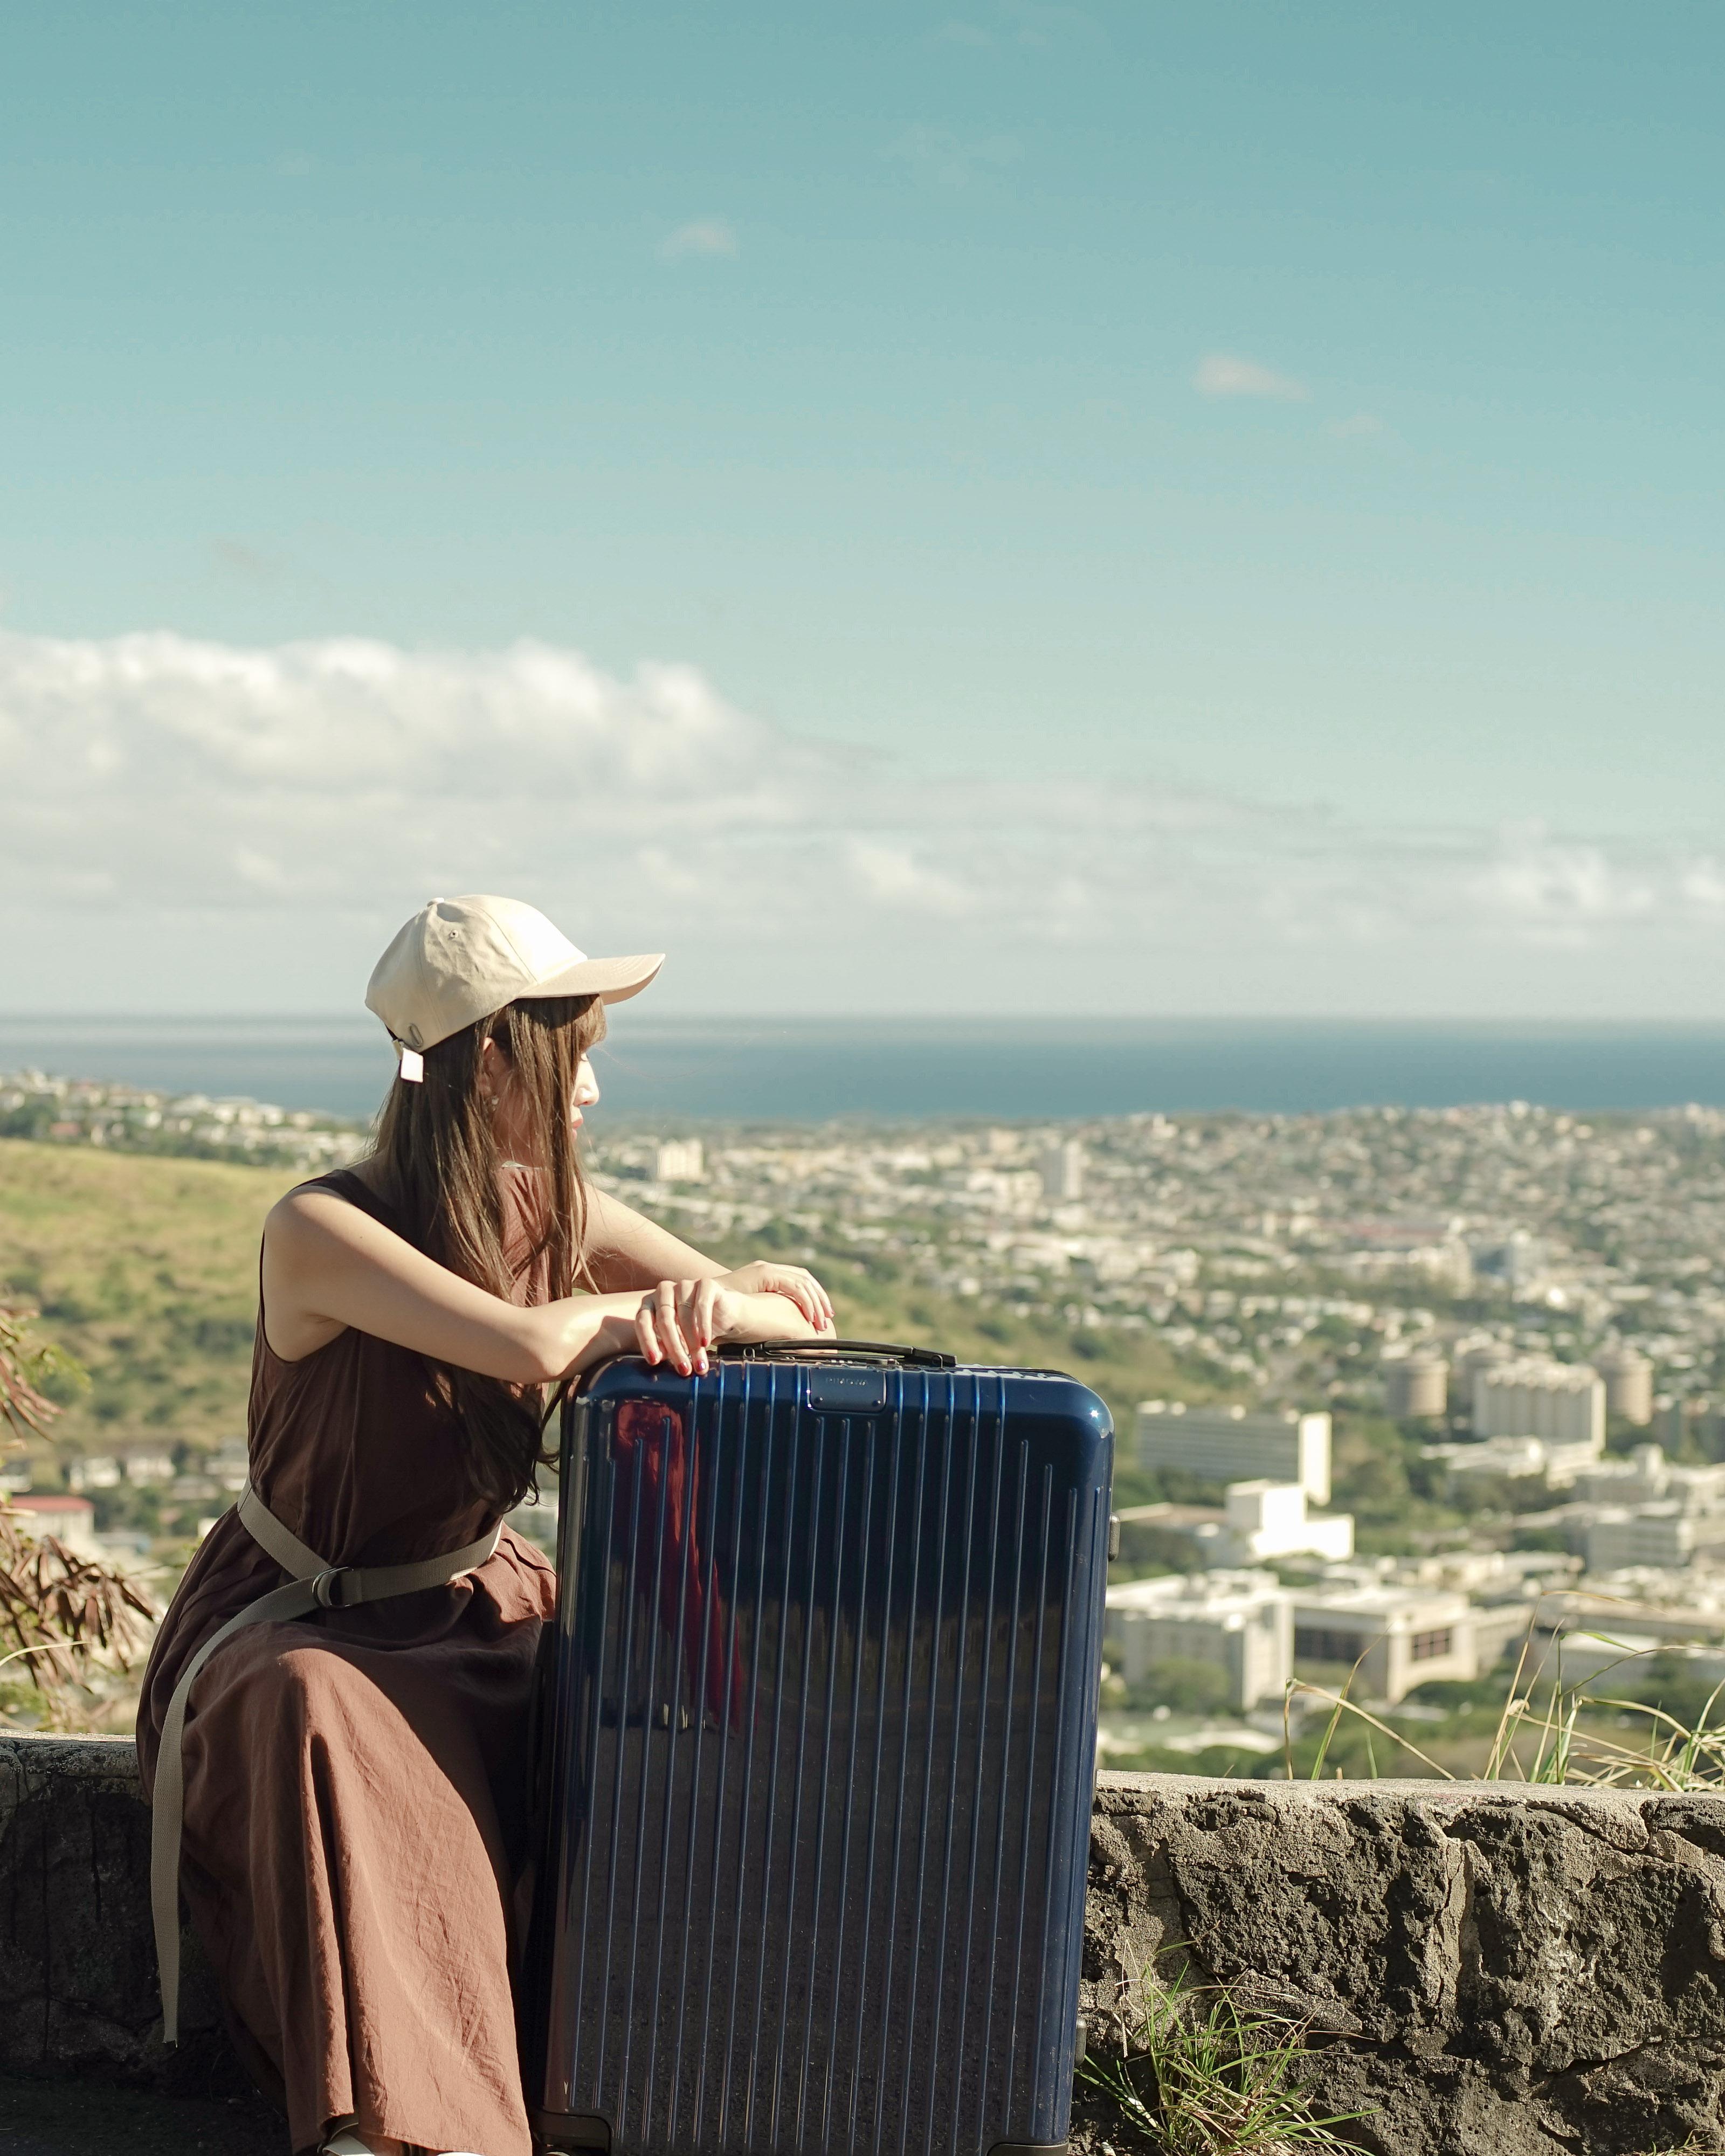 ネイビーのスーツケースと女性